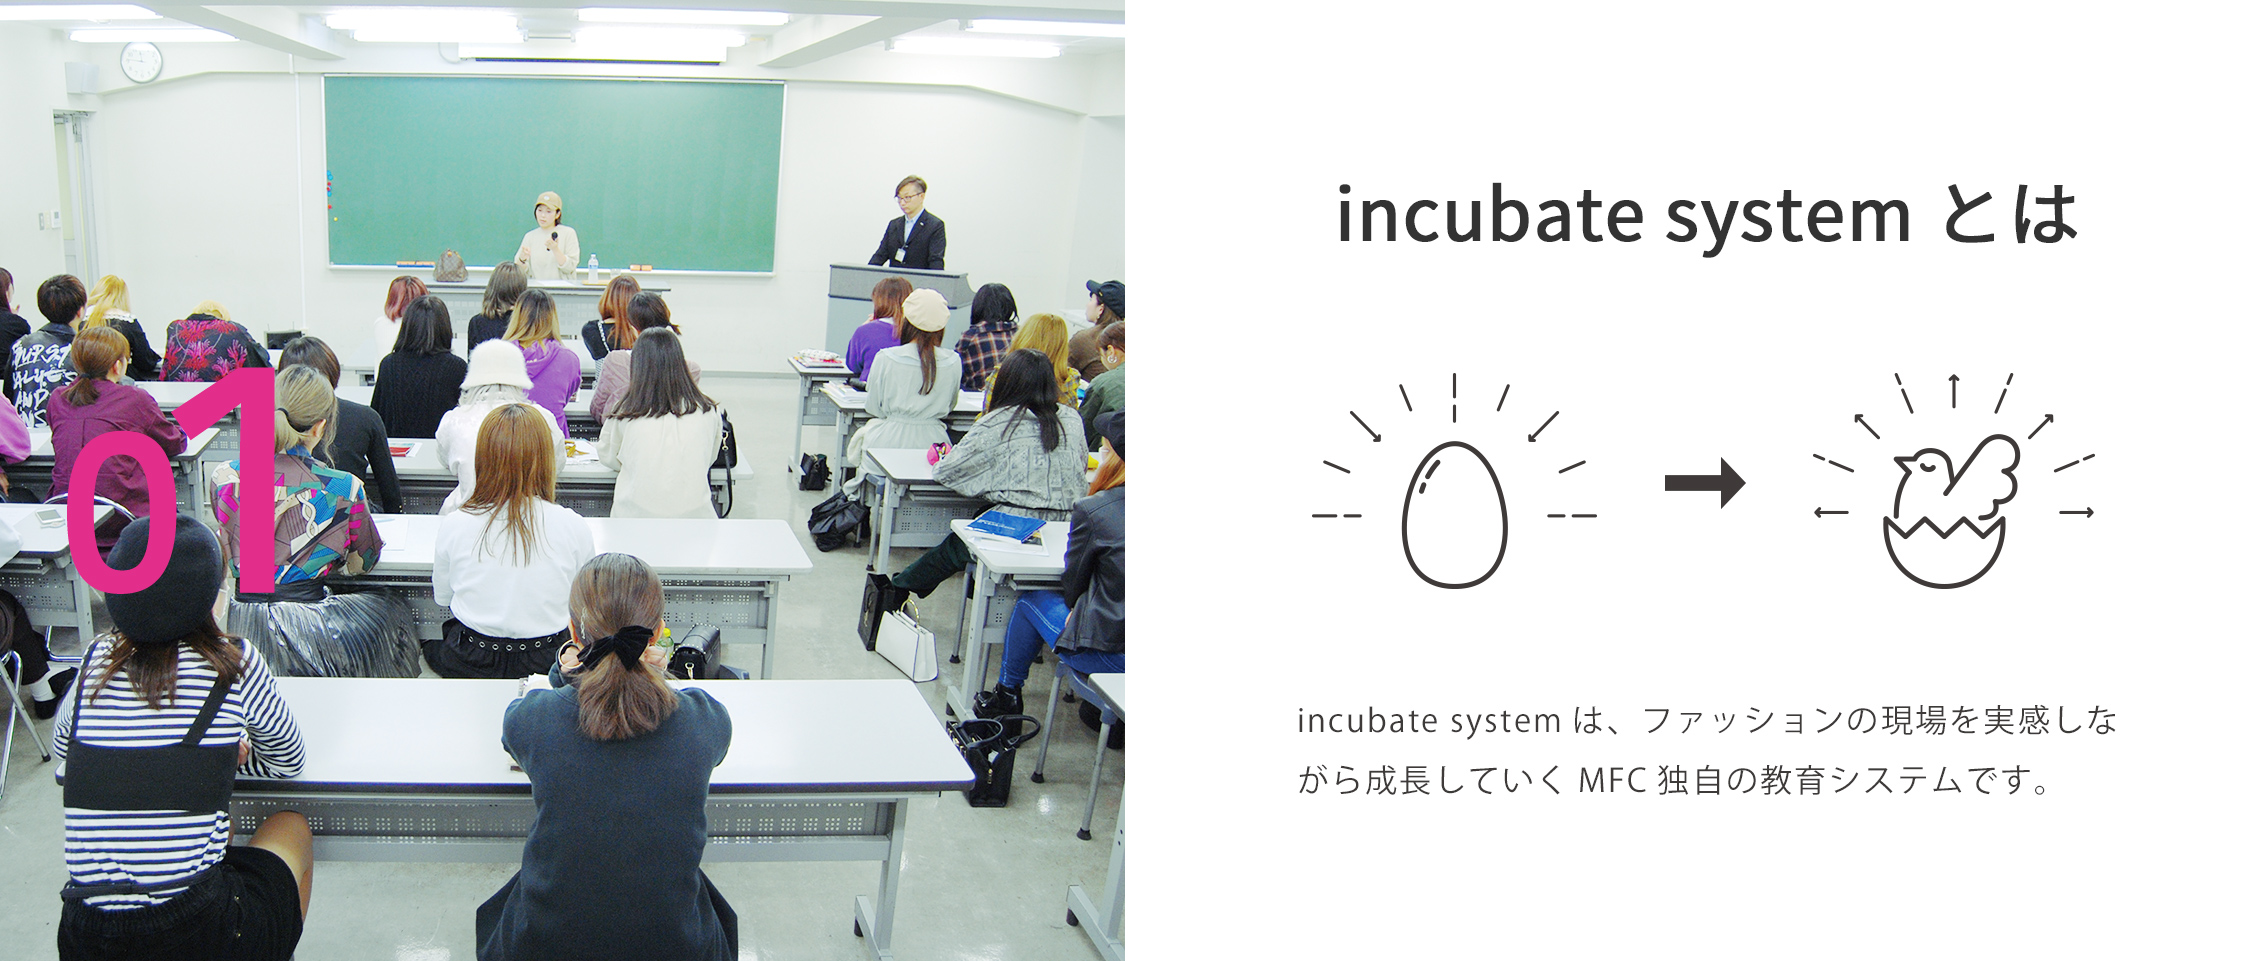 incubate systemとは incubate systemは、ファッションの現場を実感しながら成長していくMFC独自の教育システムです。